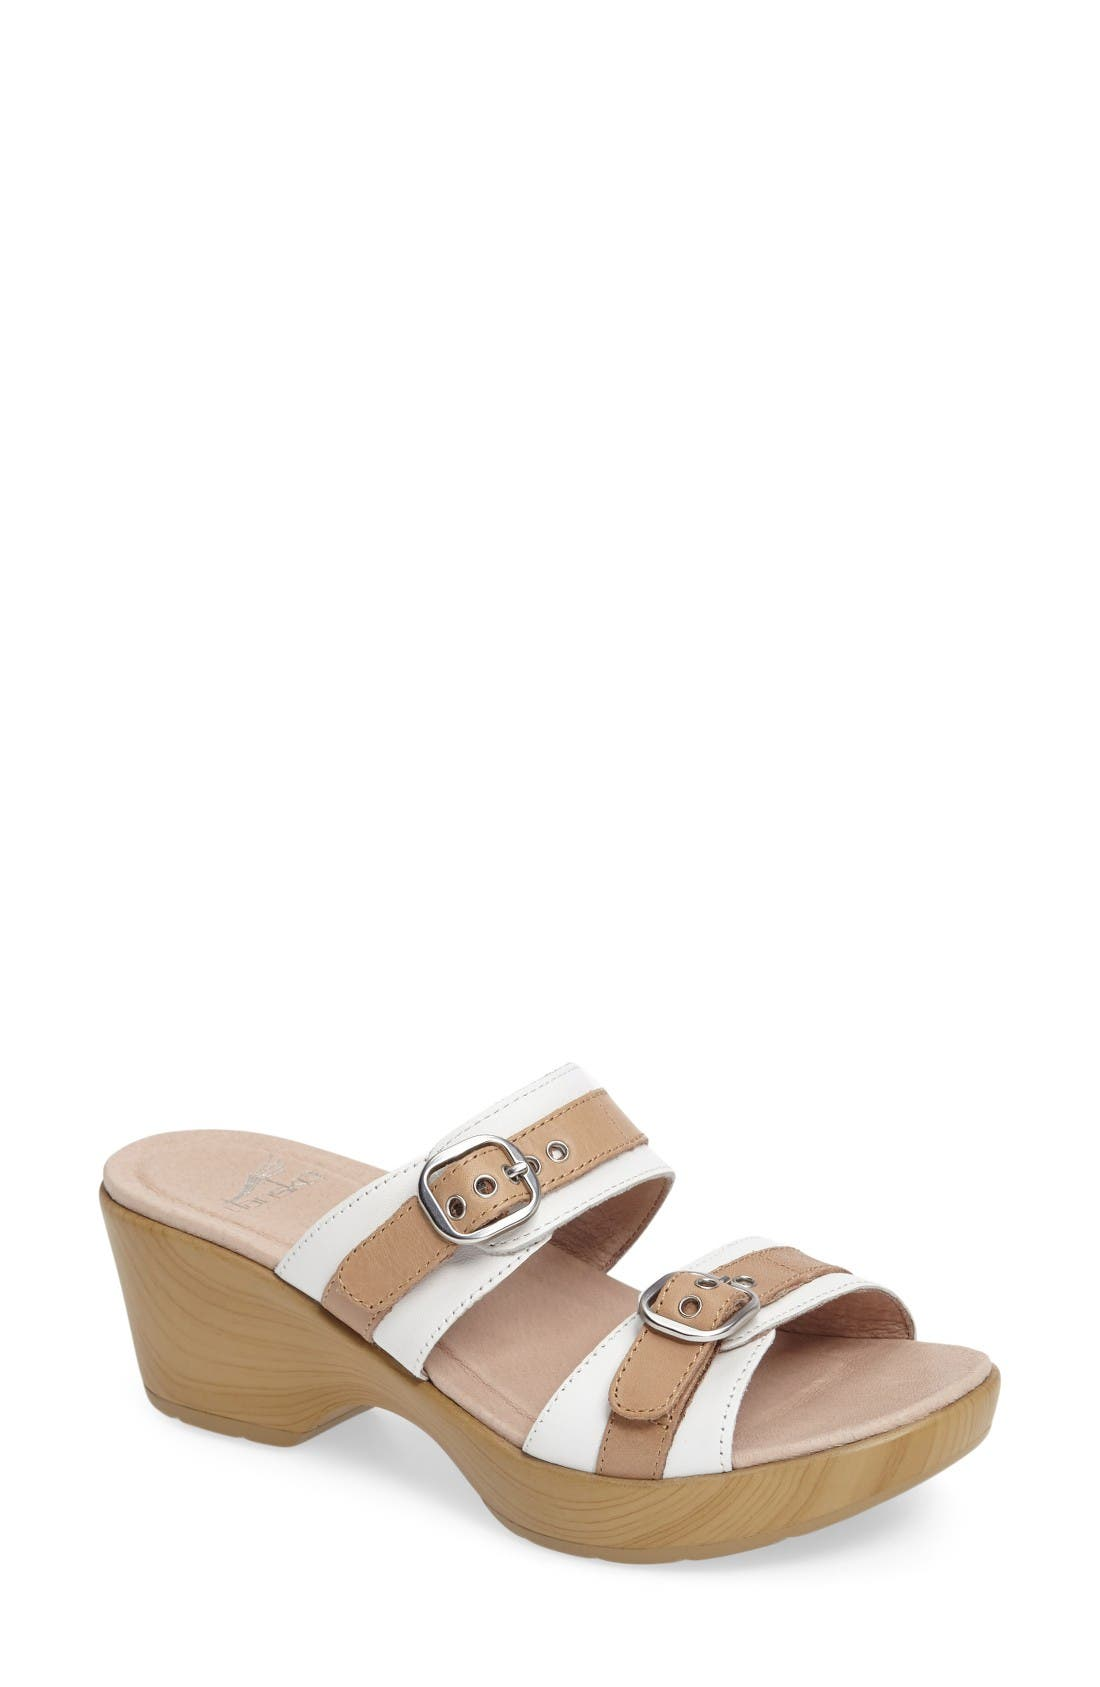 DANSKO Jessie Double Strap Sandal